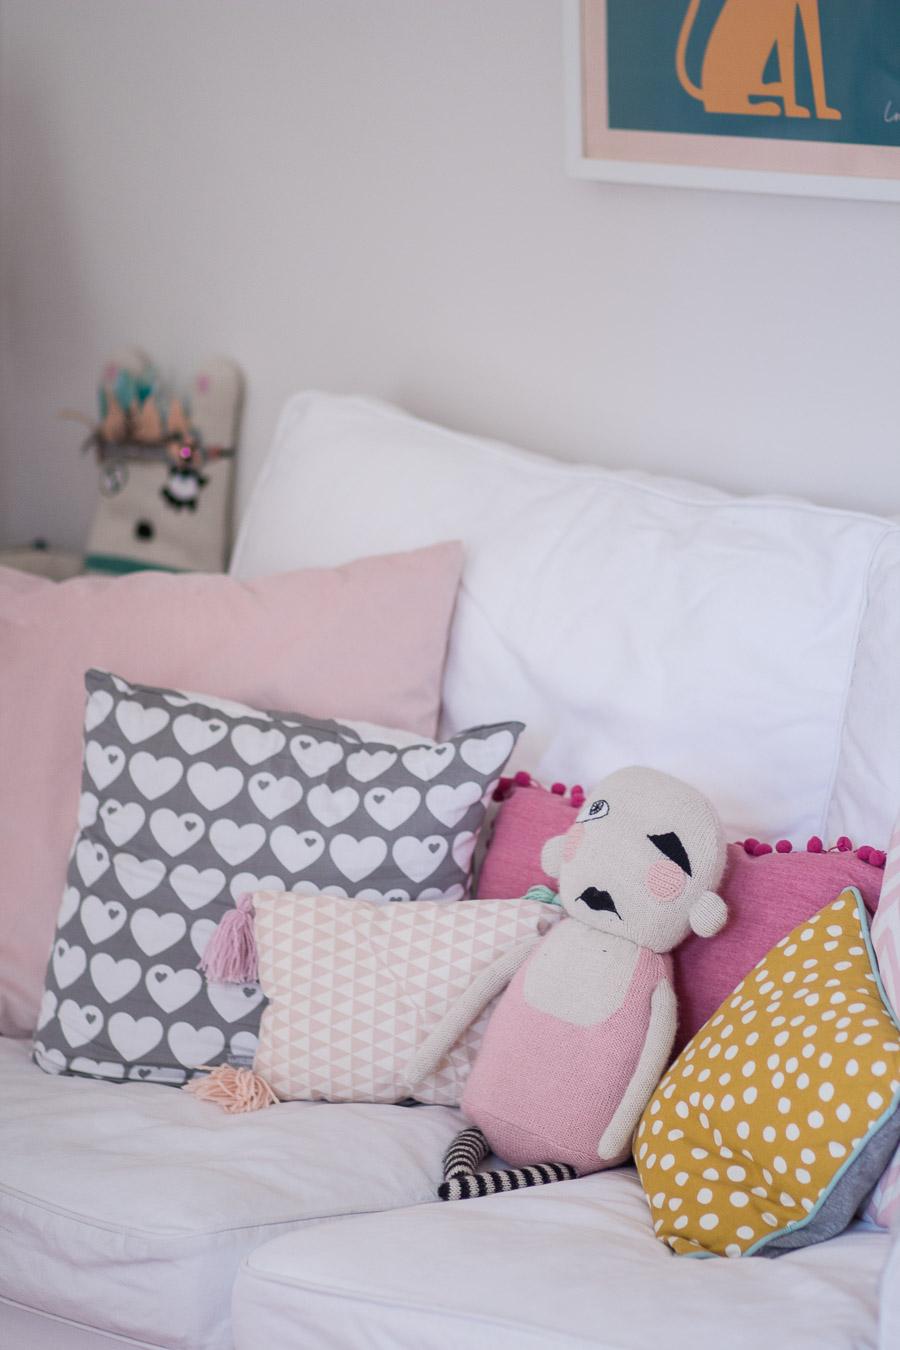 Nach Dem Sommer Habe Ich Die Couch (Ektorp Von IKEA) Umgestellt, Sie Ist  Aus Der Mitte Des Raumes In Eine Ecke Gewandert, Damit Das Große  Playmobil Schloss, ...